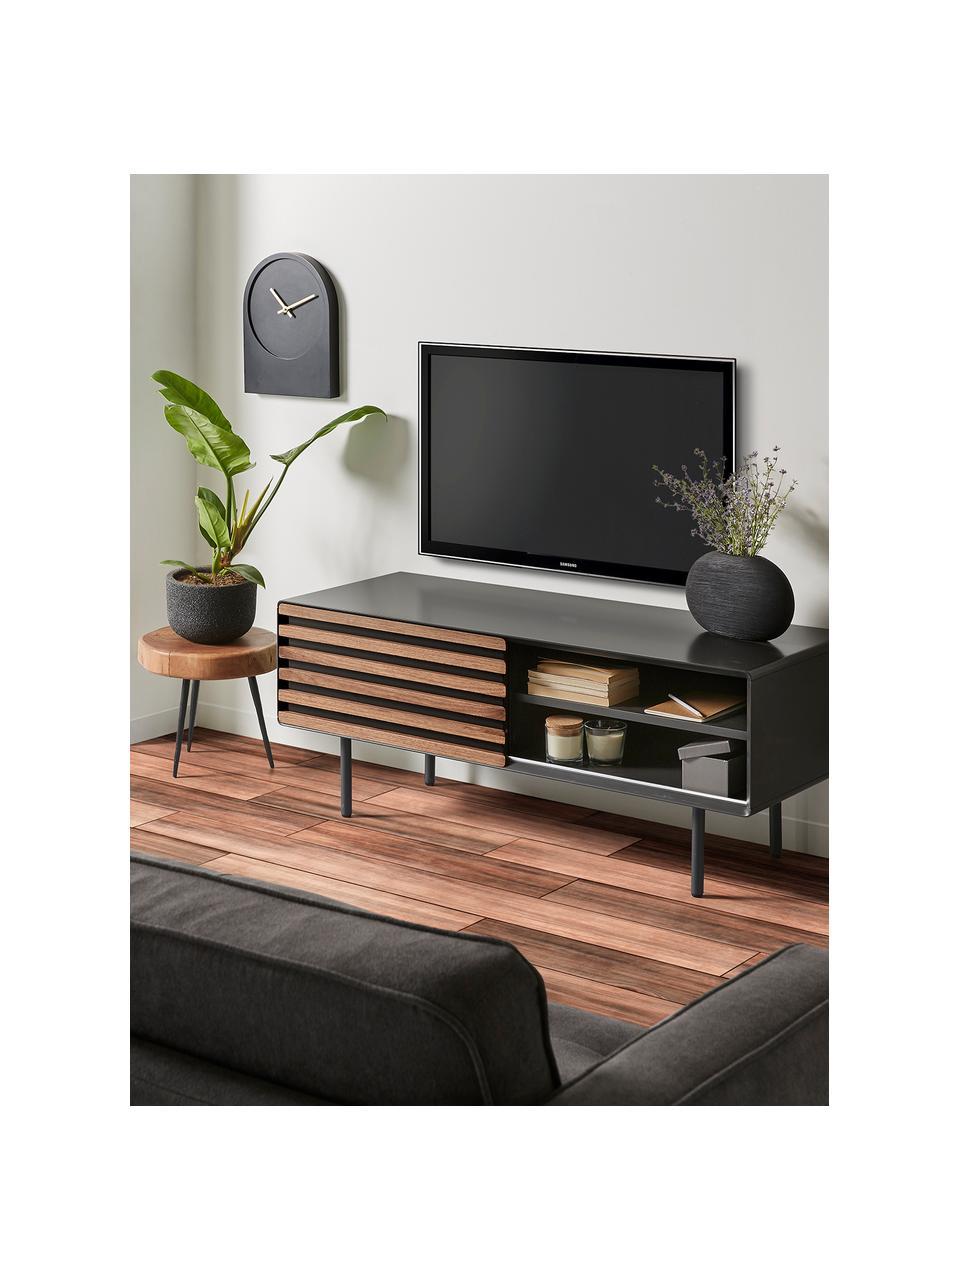 TV-Lowboard Kesia mit Walnussfurnier, Graphit, Walnussholz, 120 x 49 cm